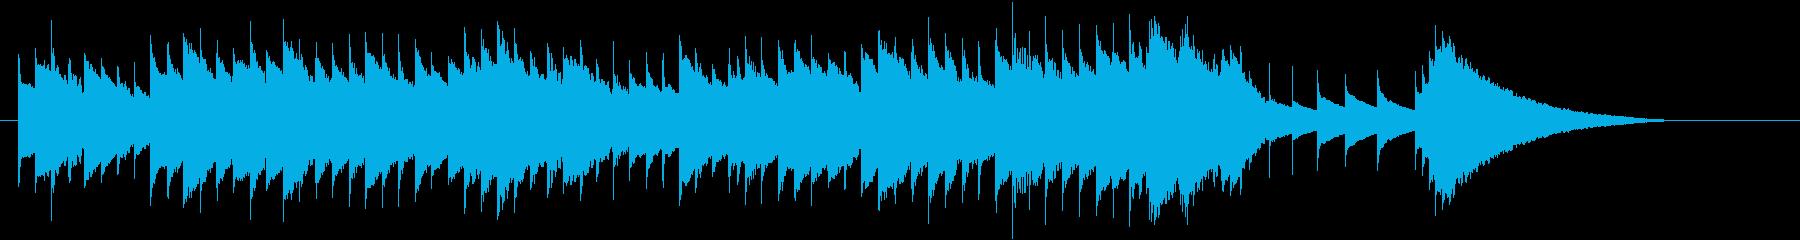 オルゴール音色によるジングルです。の再生済みの波形